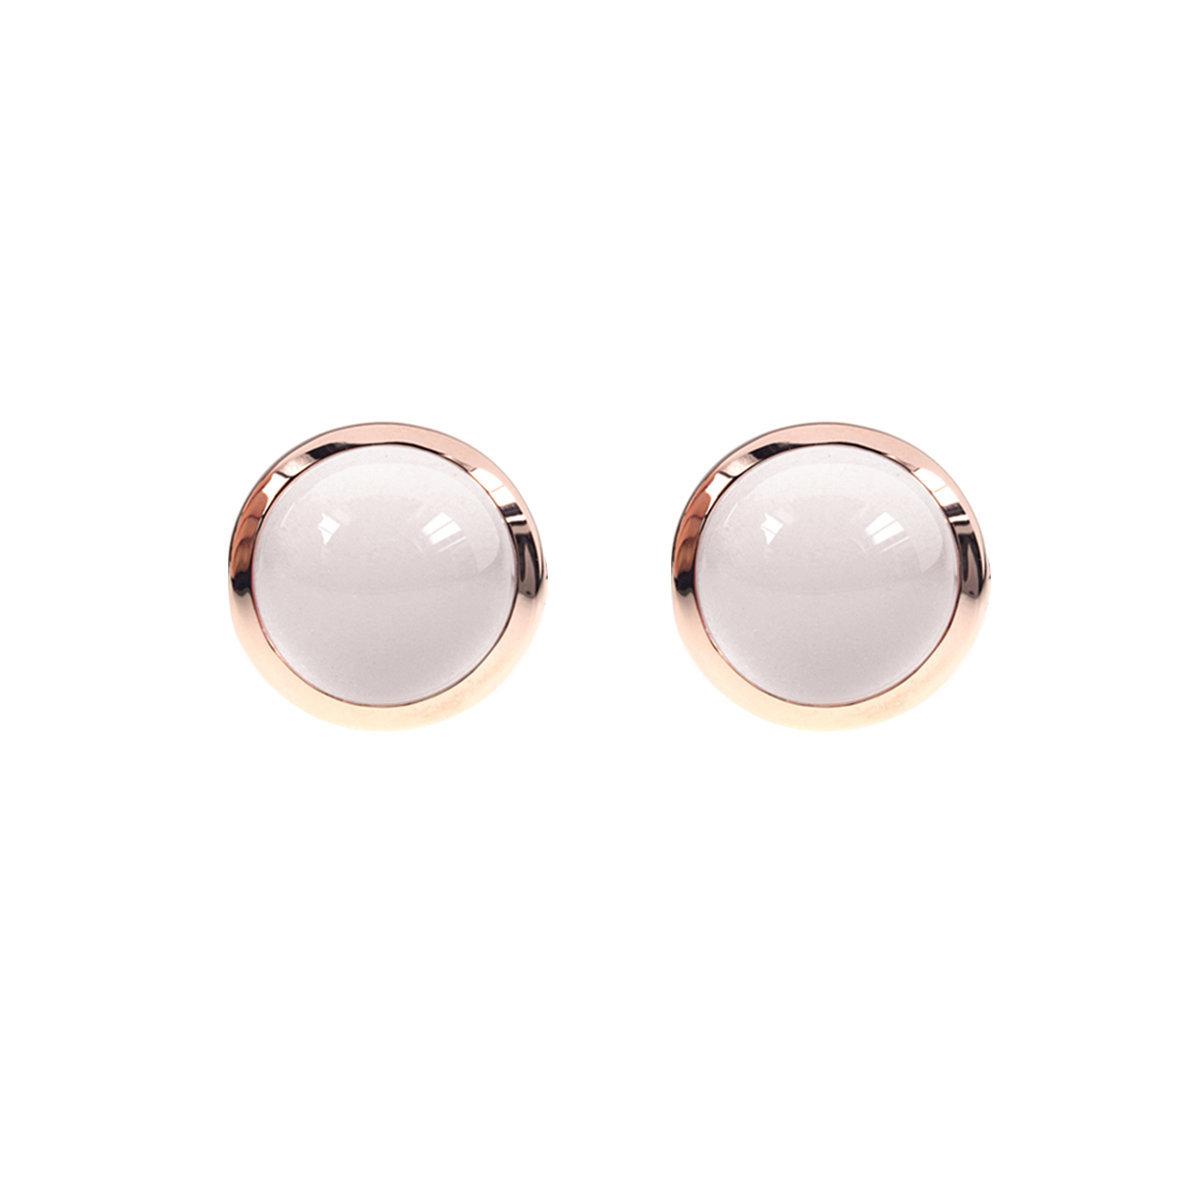 幸運石系列-玫瑰金色925銀鑲白瑪瑙耳環